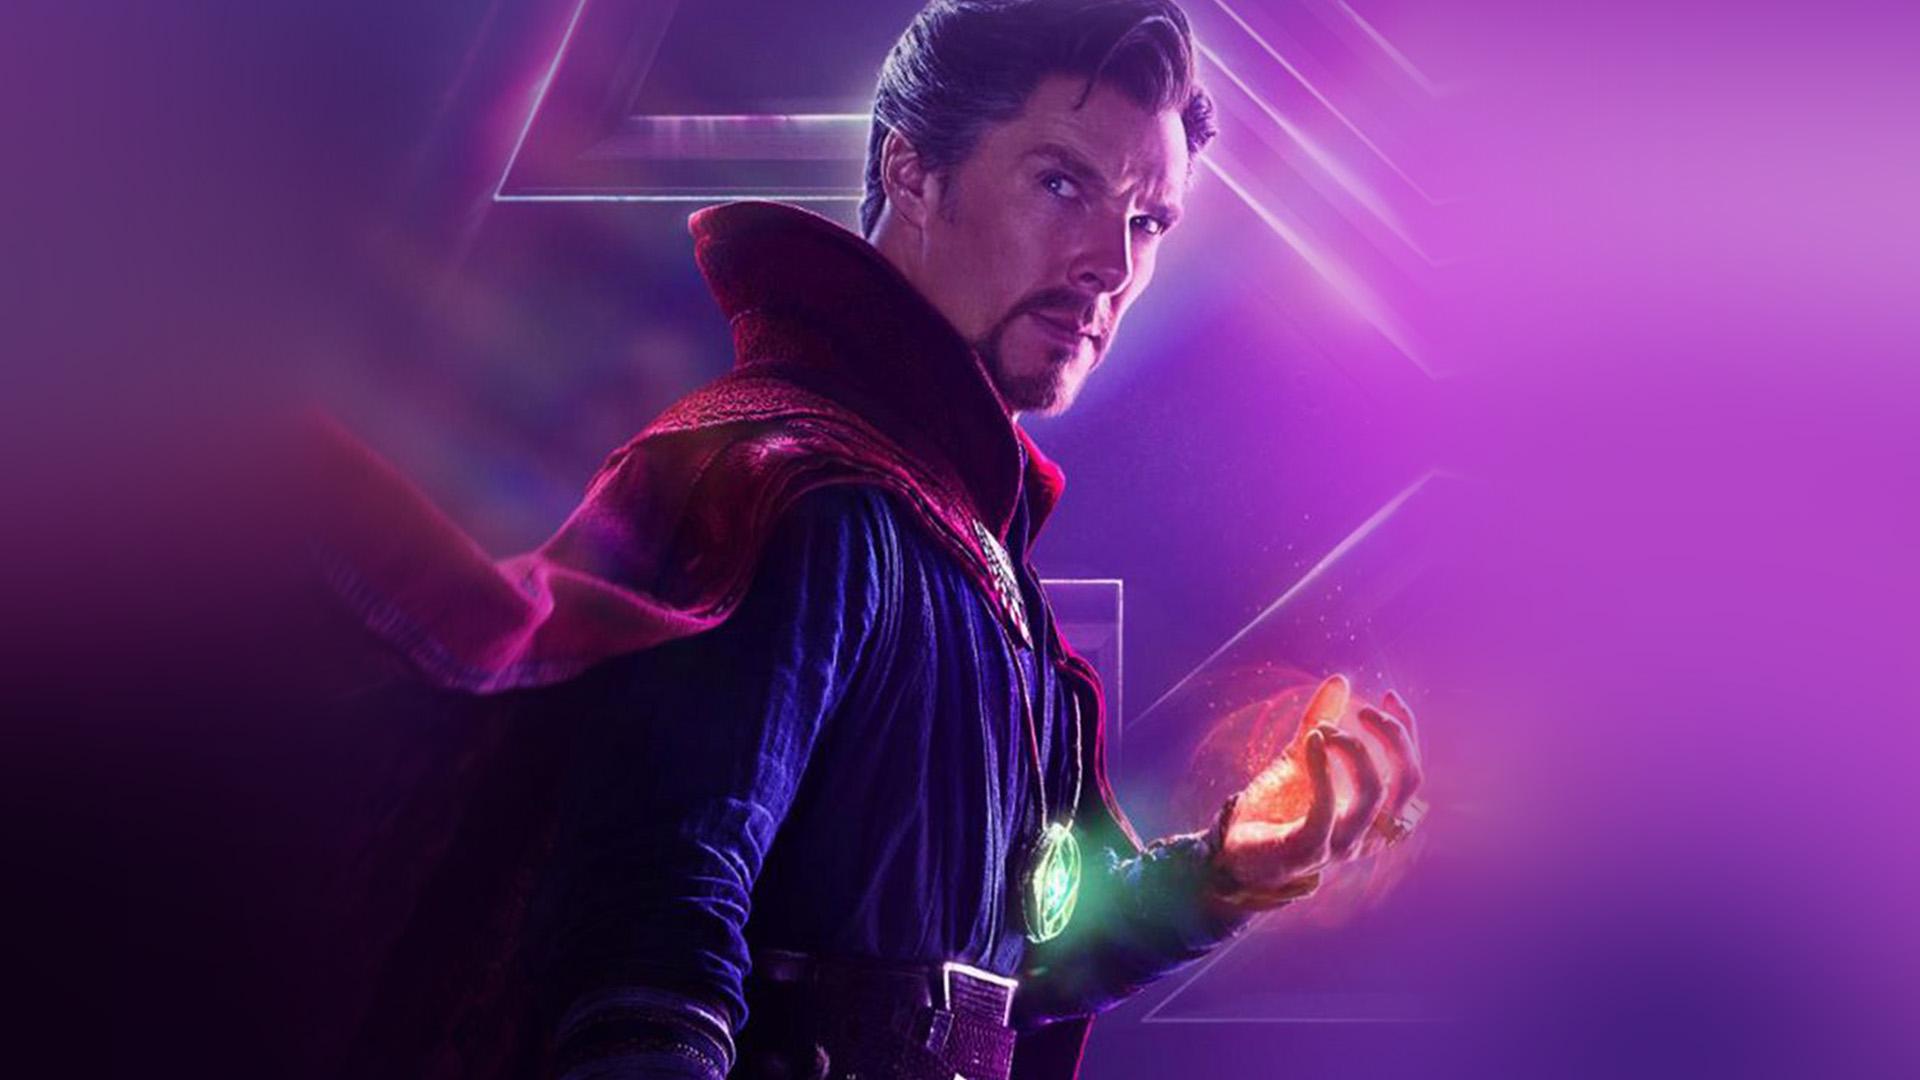 Star War Wallpaper Iphone X Be93 Avengers Doctor Strange Film Infinitywar Marvel Hero